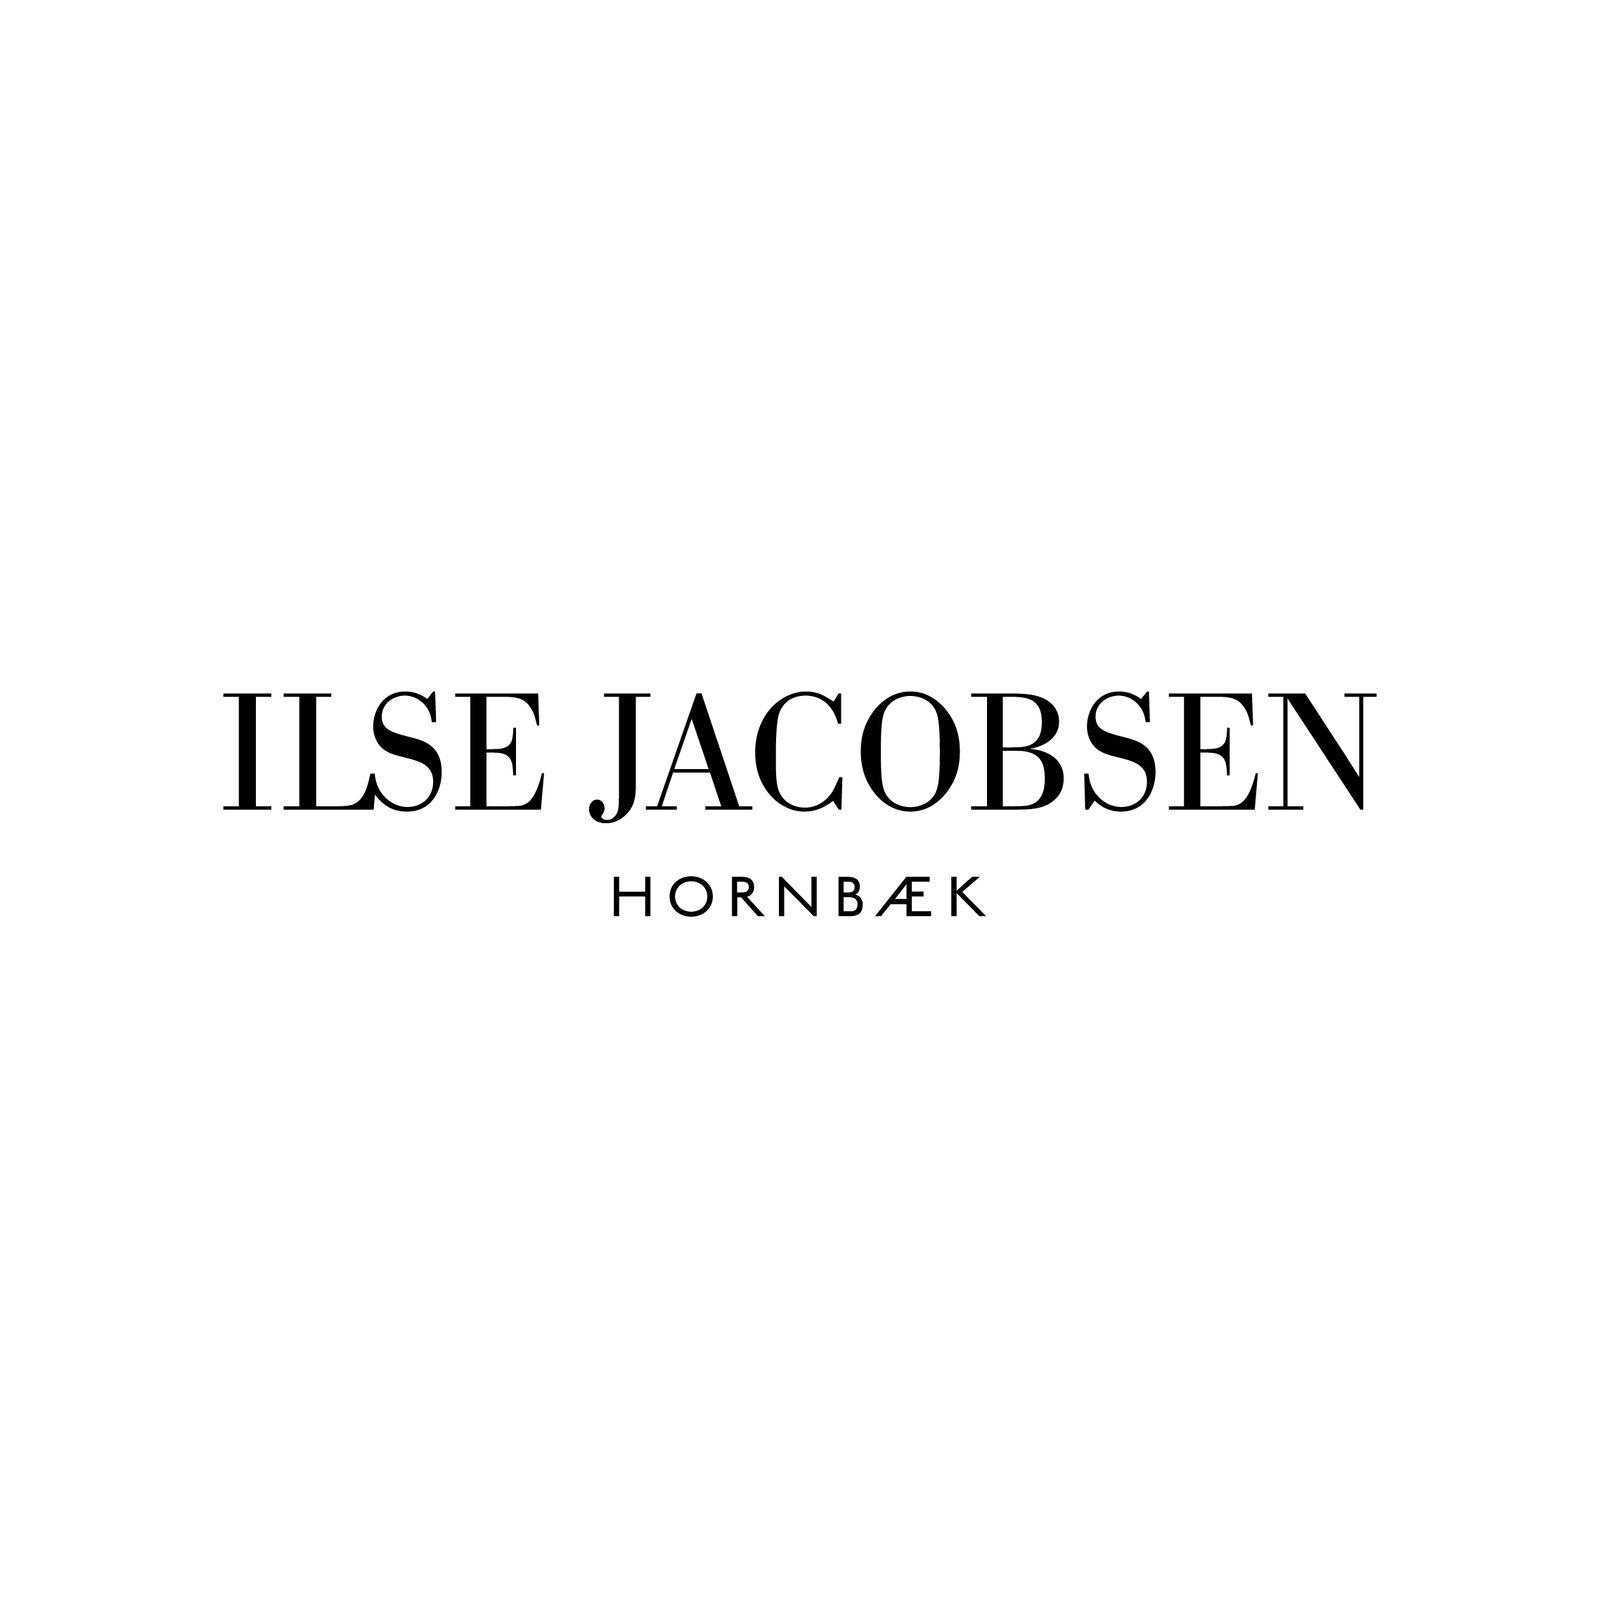 ILSE JACOBSEN Hornbæk (Imagen 1)